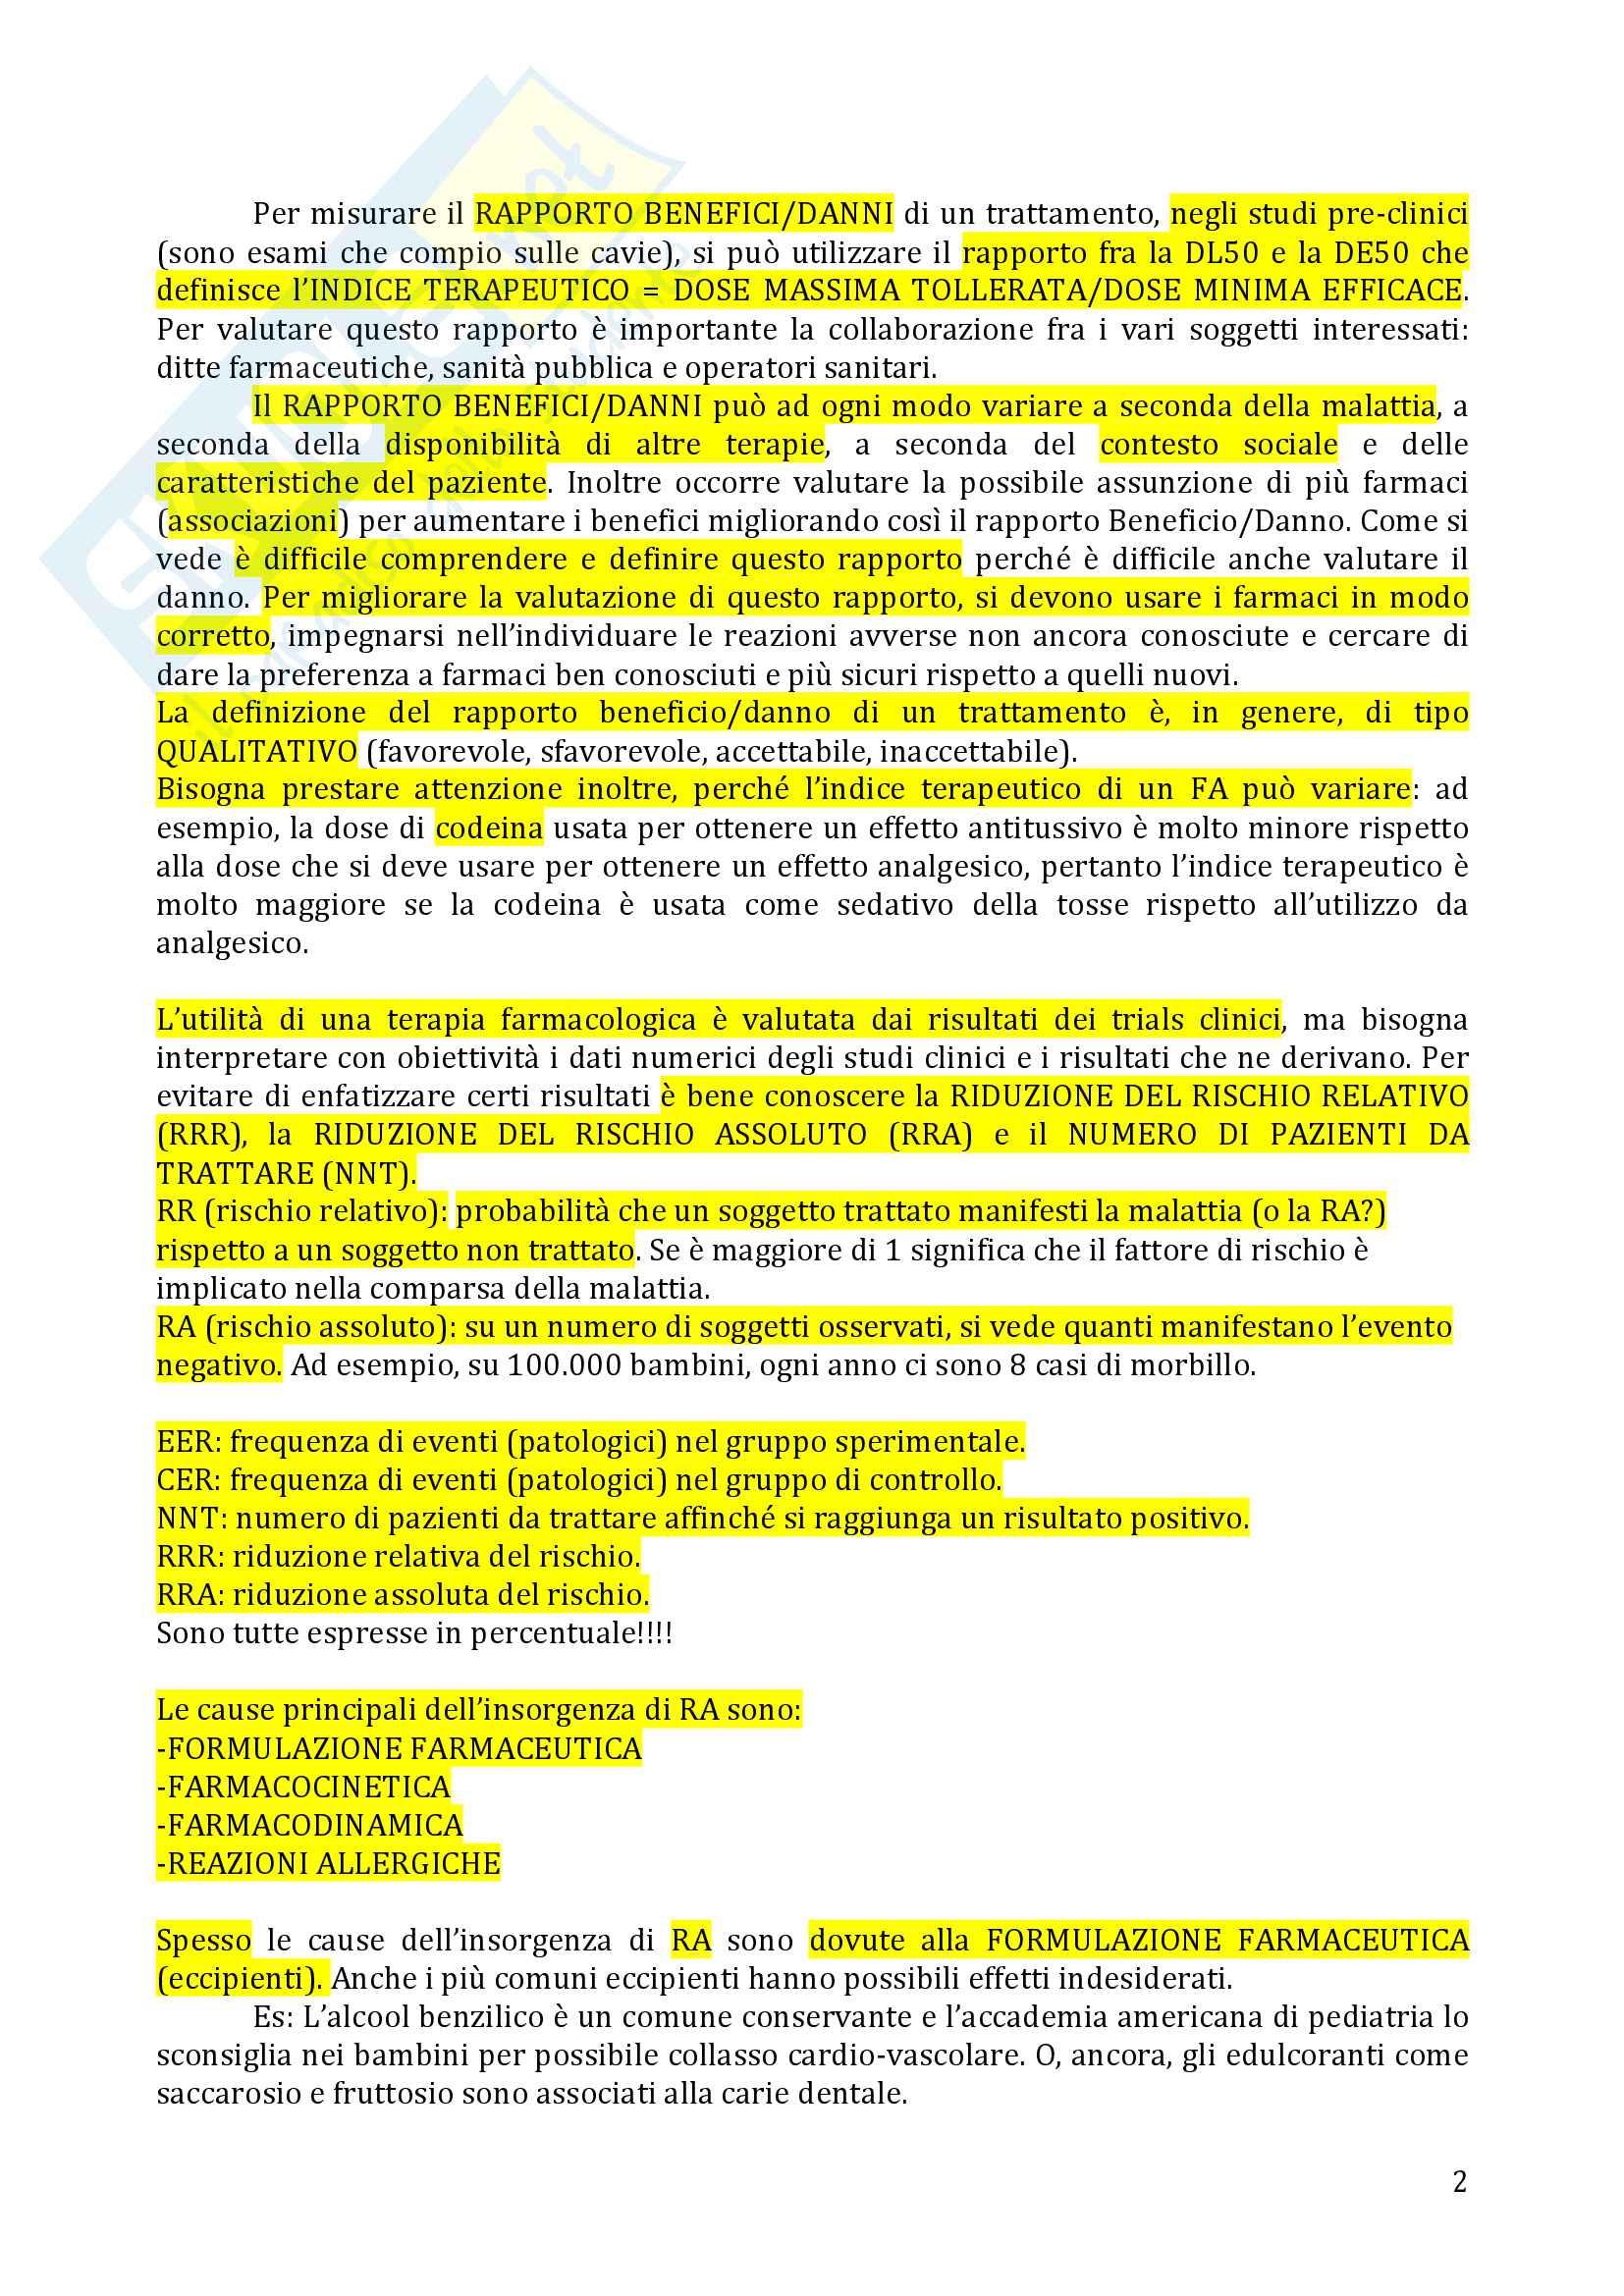 Farmacovigilanza Pag. 2